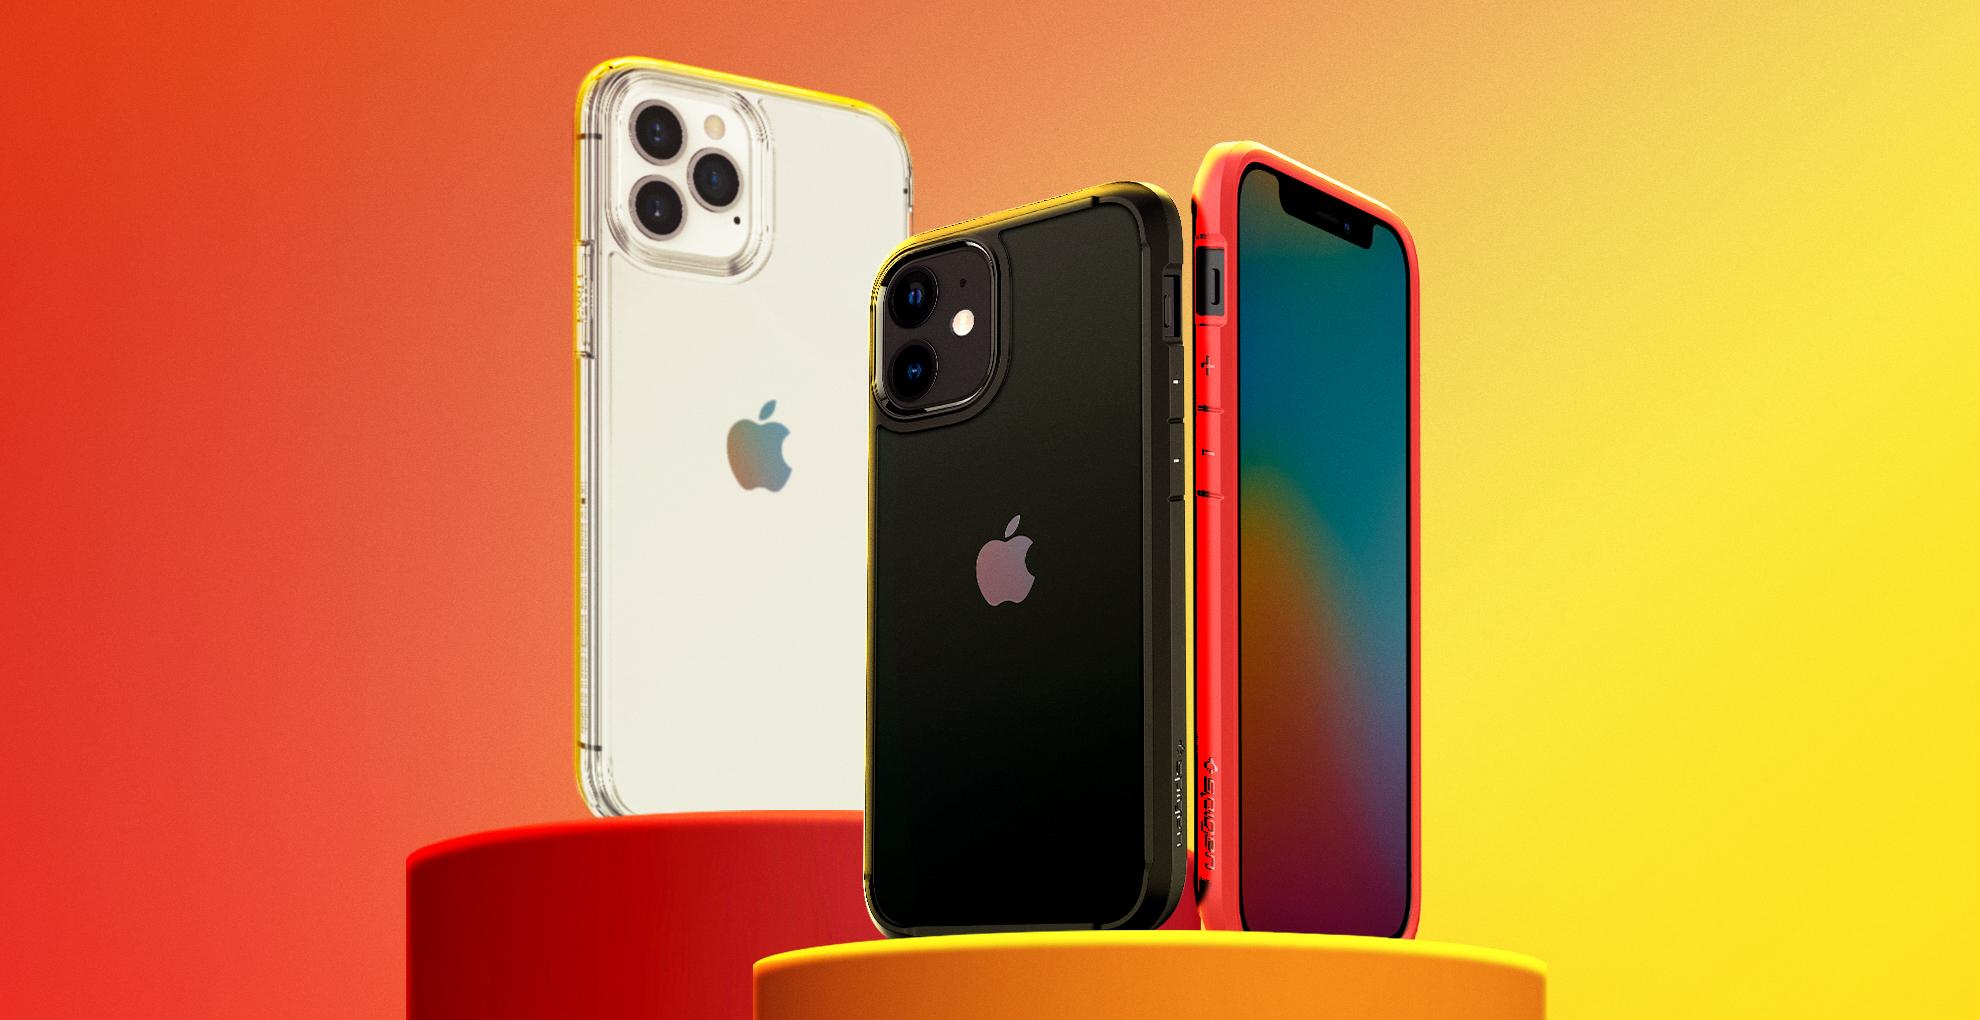 La coque Spigen Ultra Hybrid pour l'iPhone 12.